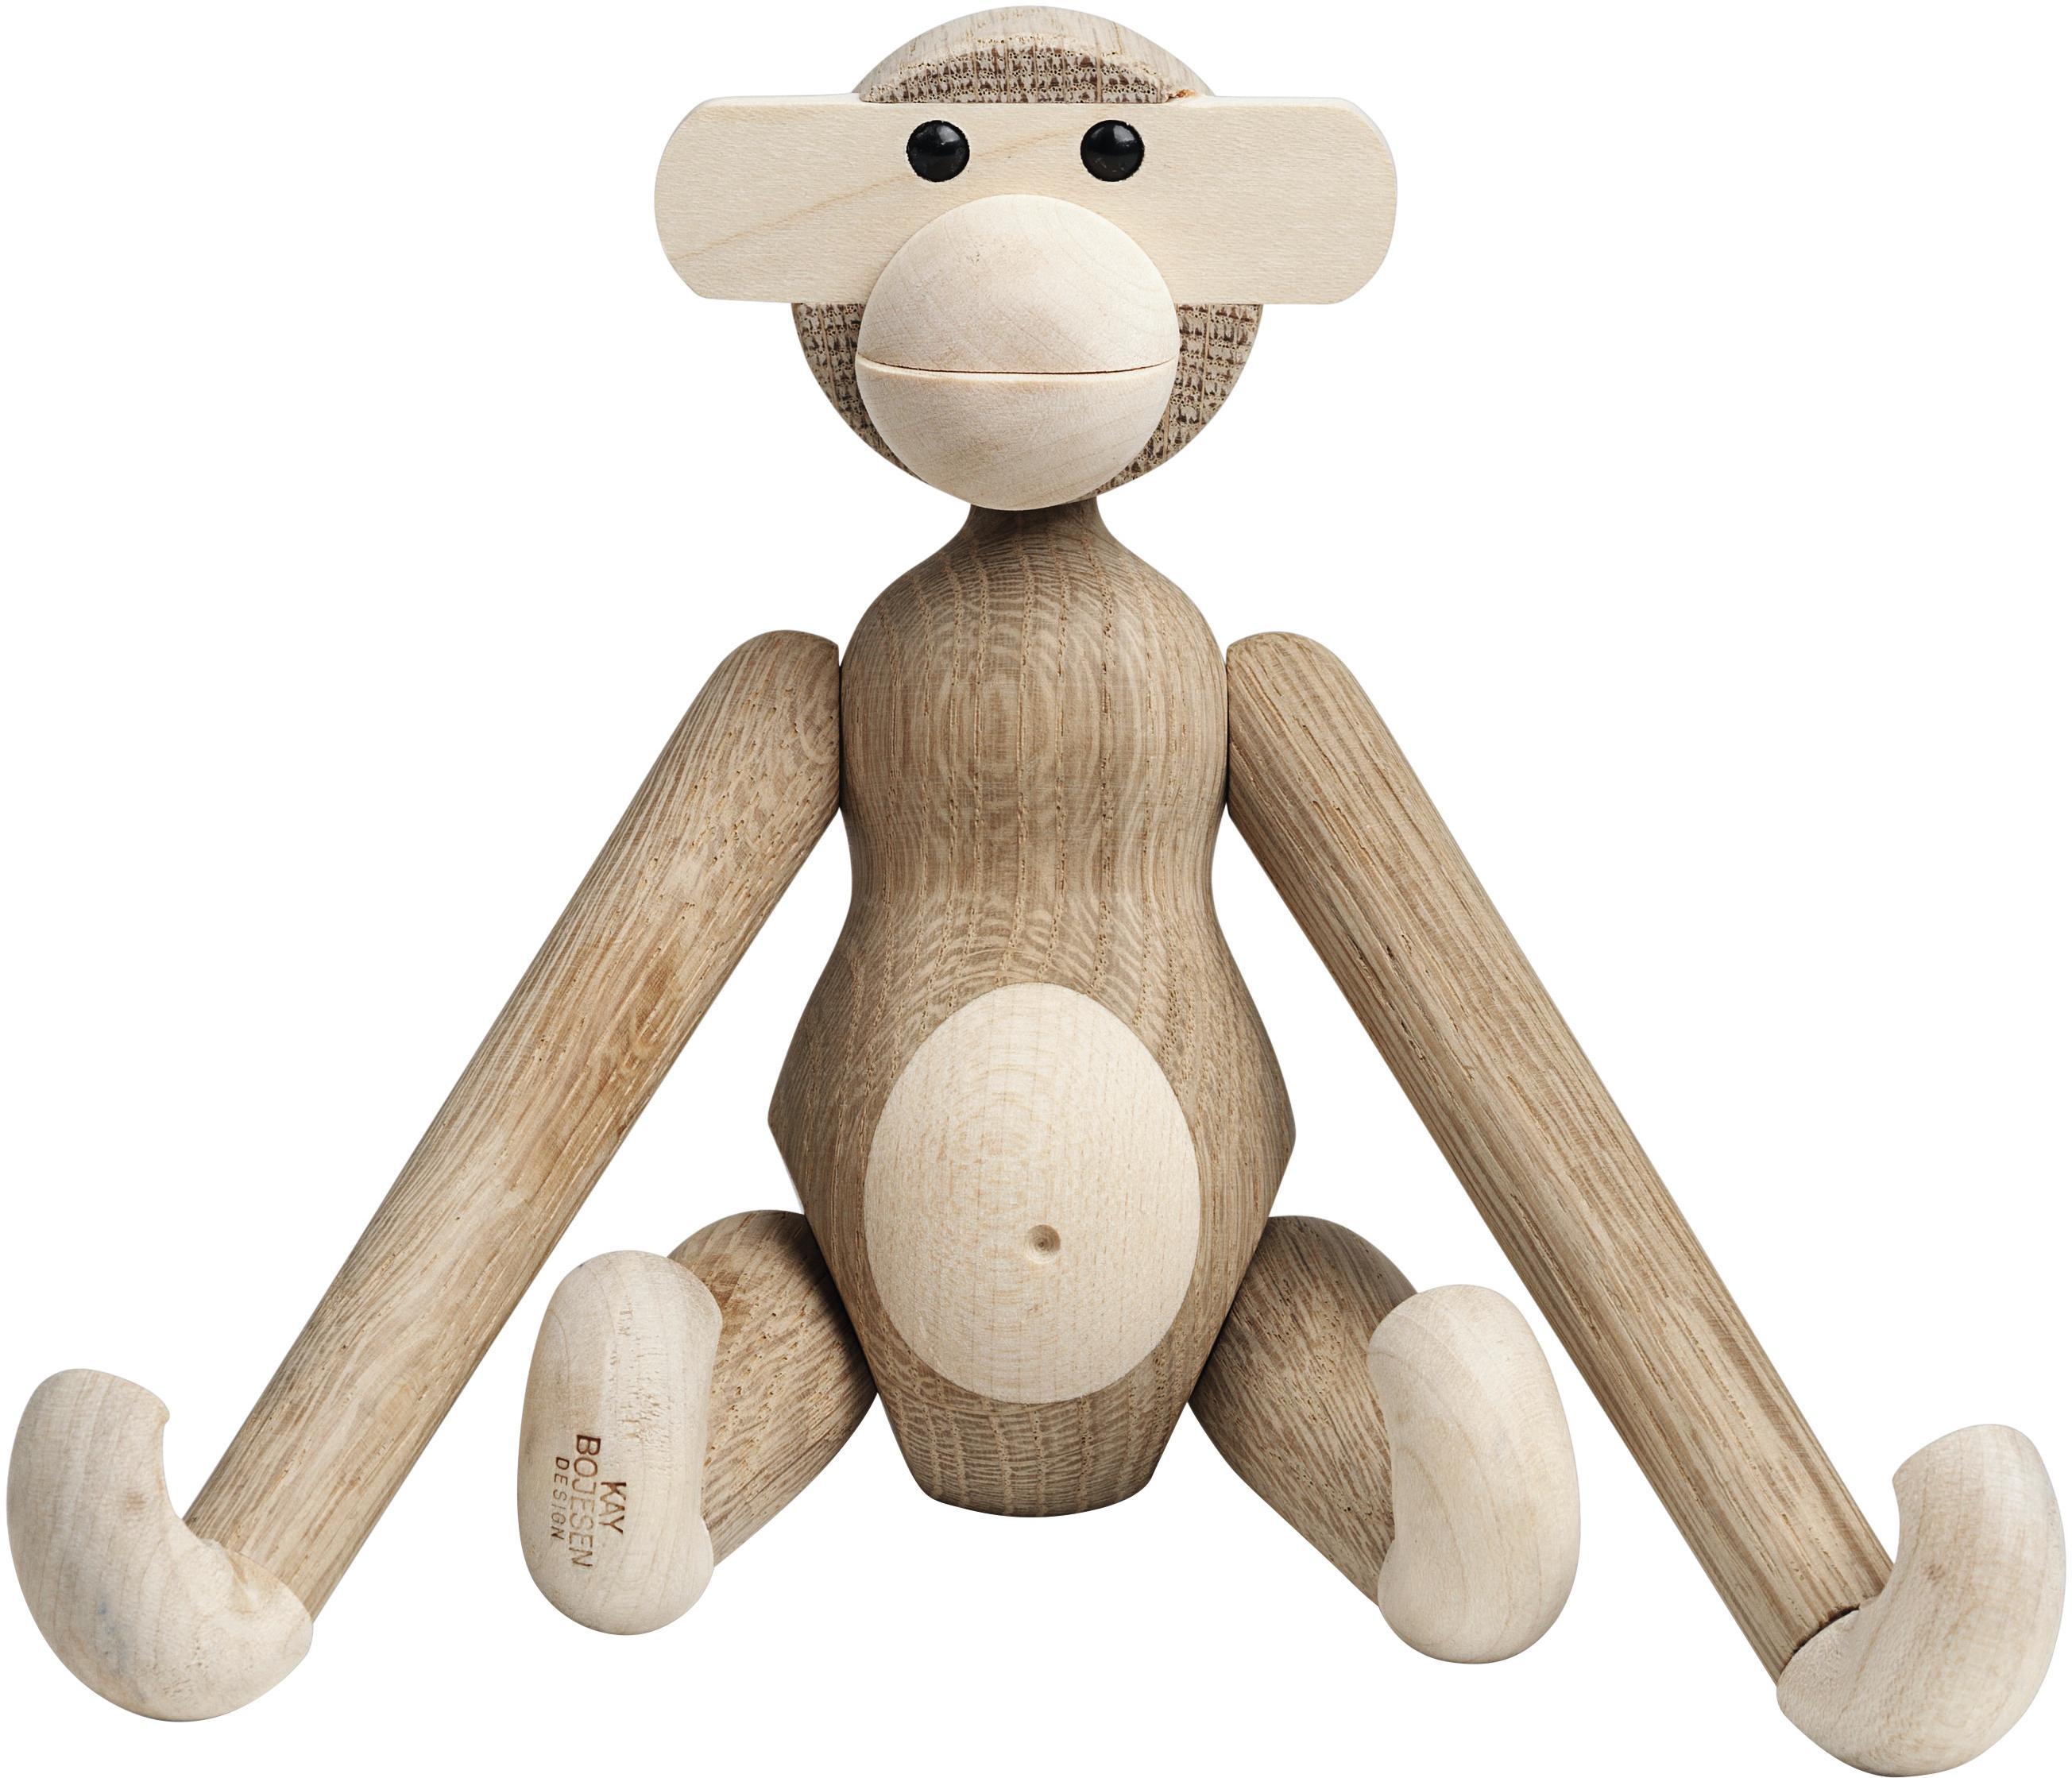 Oggetto decorativo di design Monkey, legno di quercia, Legno di quercia, legno di acero verniciato, Legno di quercia, legno di acero, Larg. 20 x Alt. 19 cm